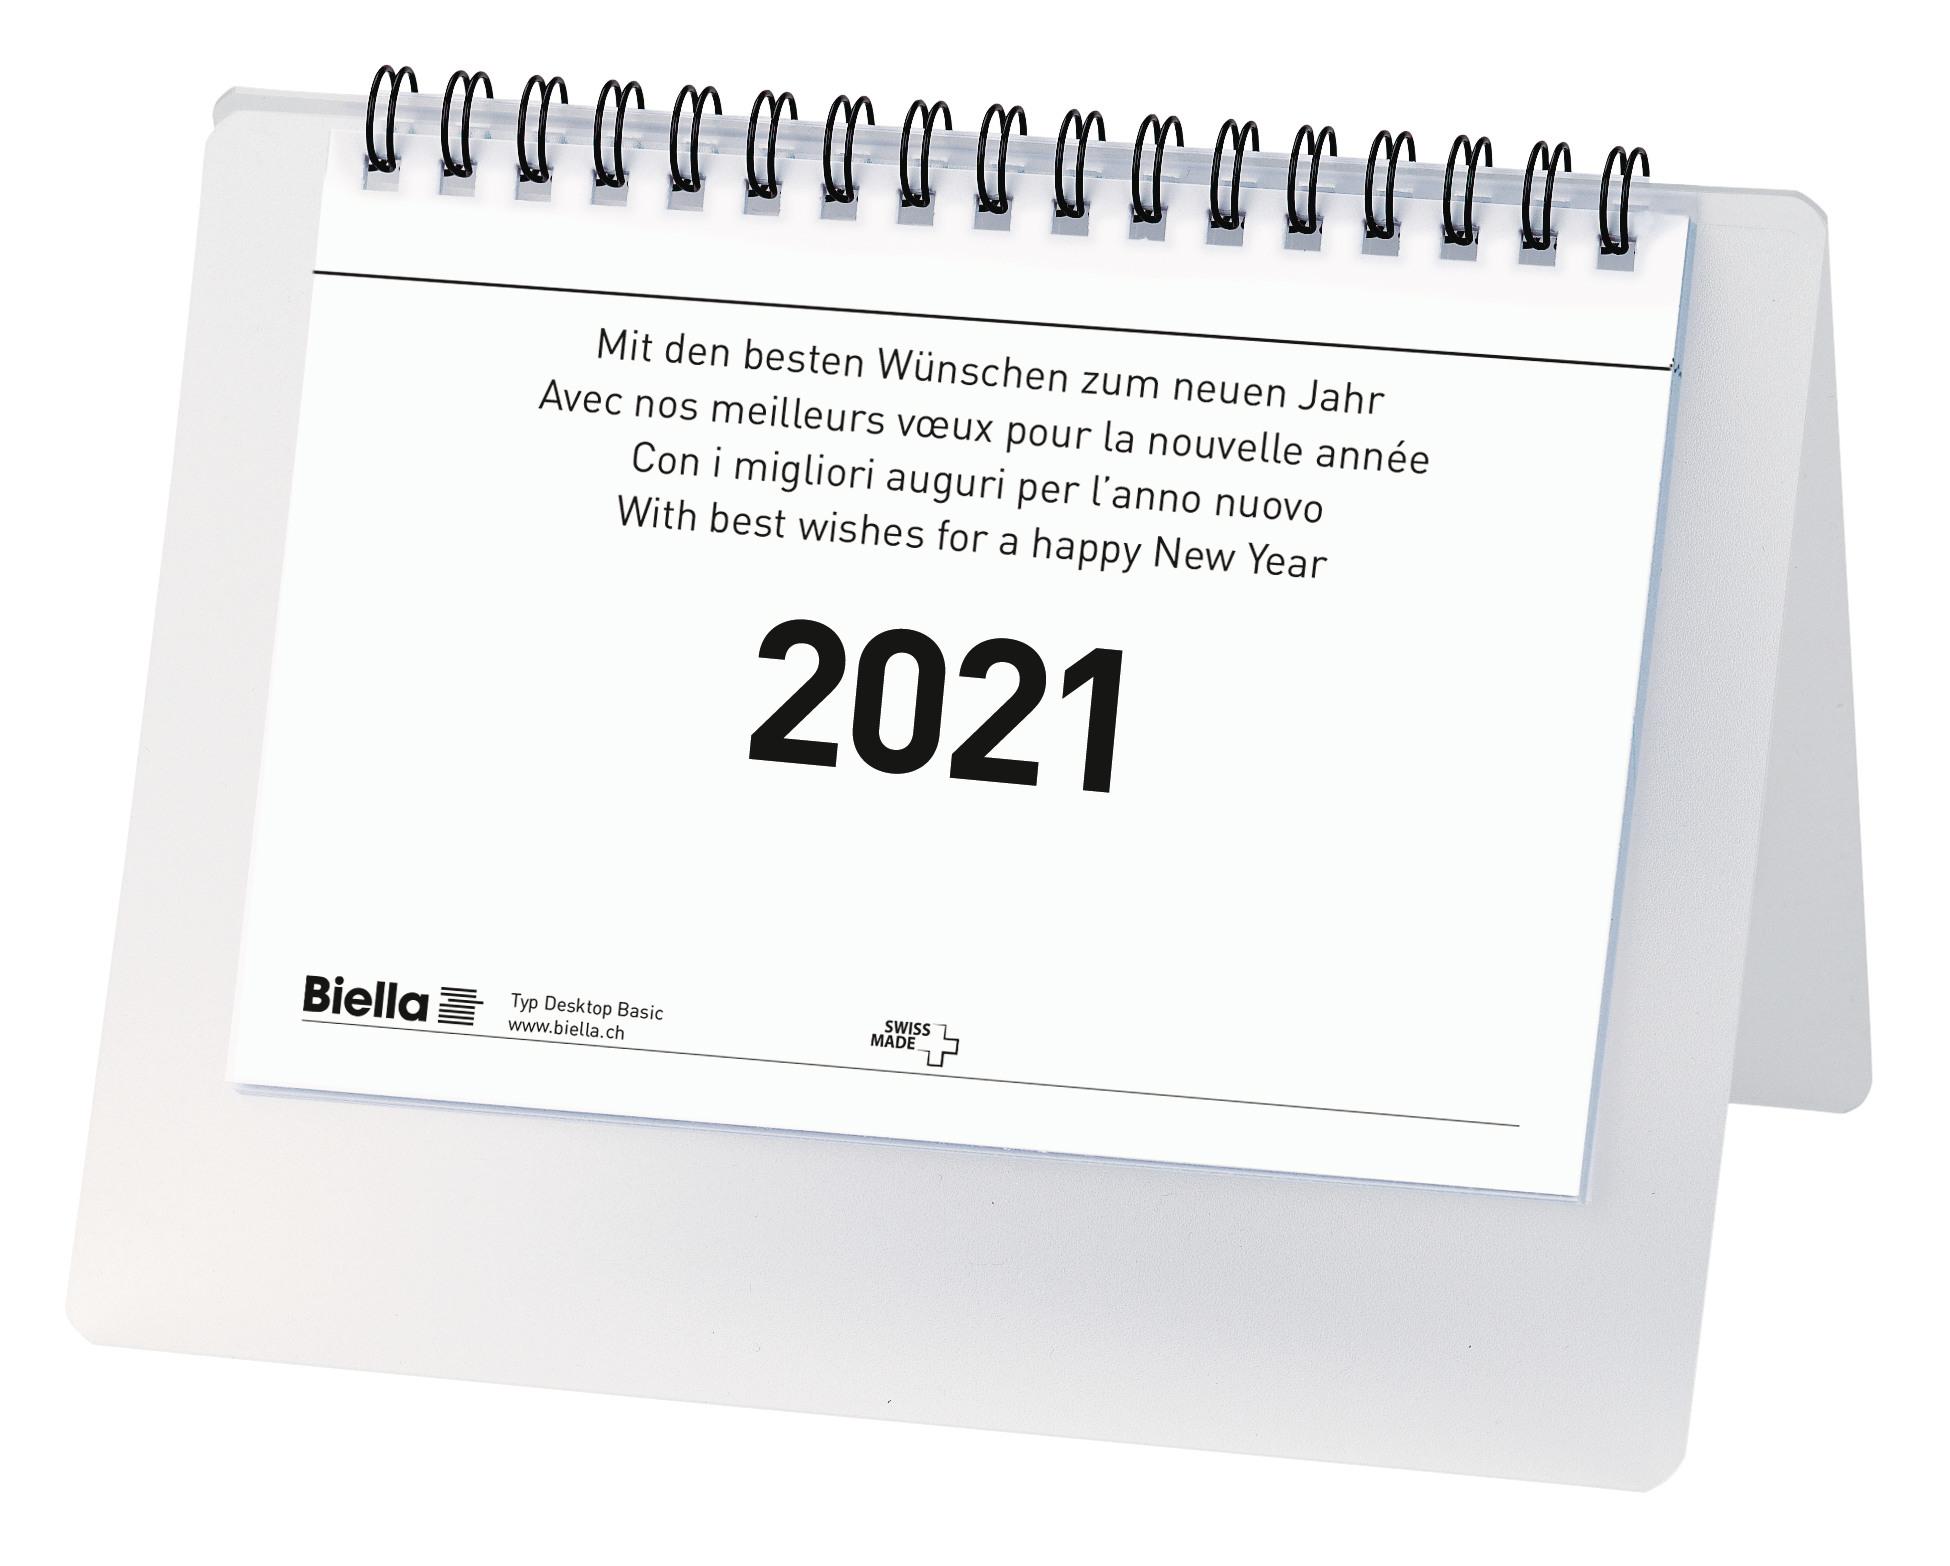 BIELLA Tischkalender Desktop Basic 0887061.000021 Wire-O 17,7x13,5cm, 2021